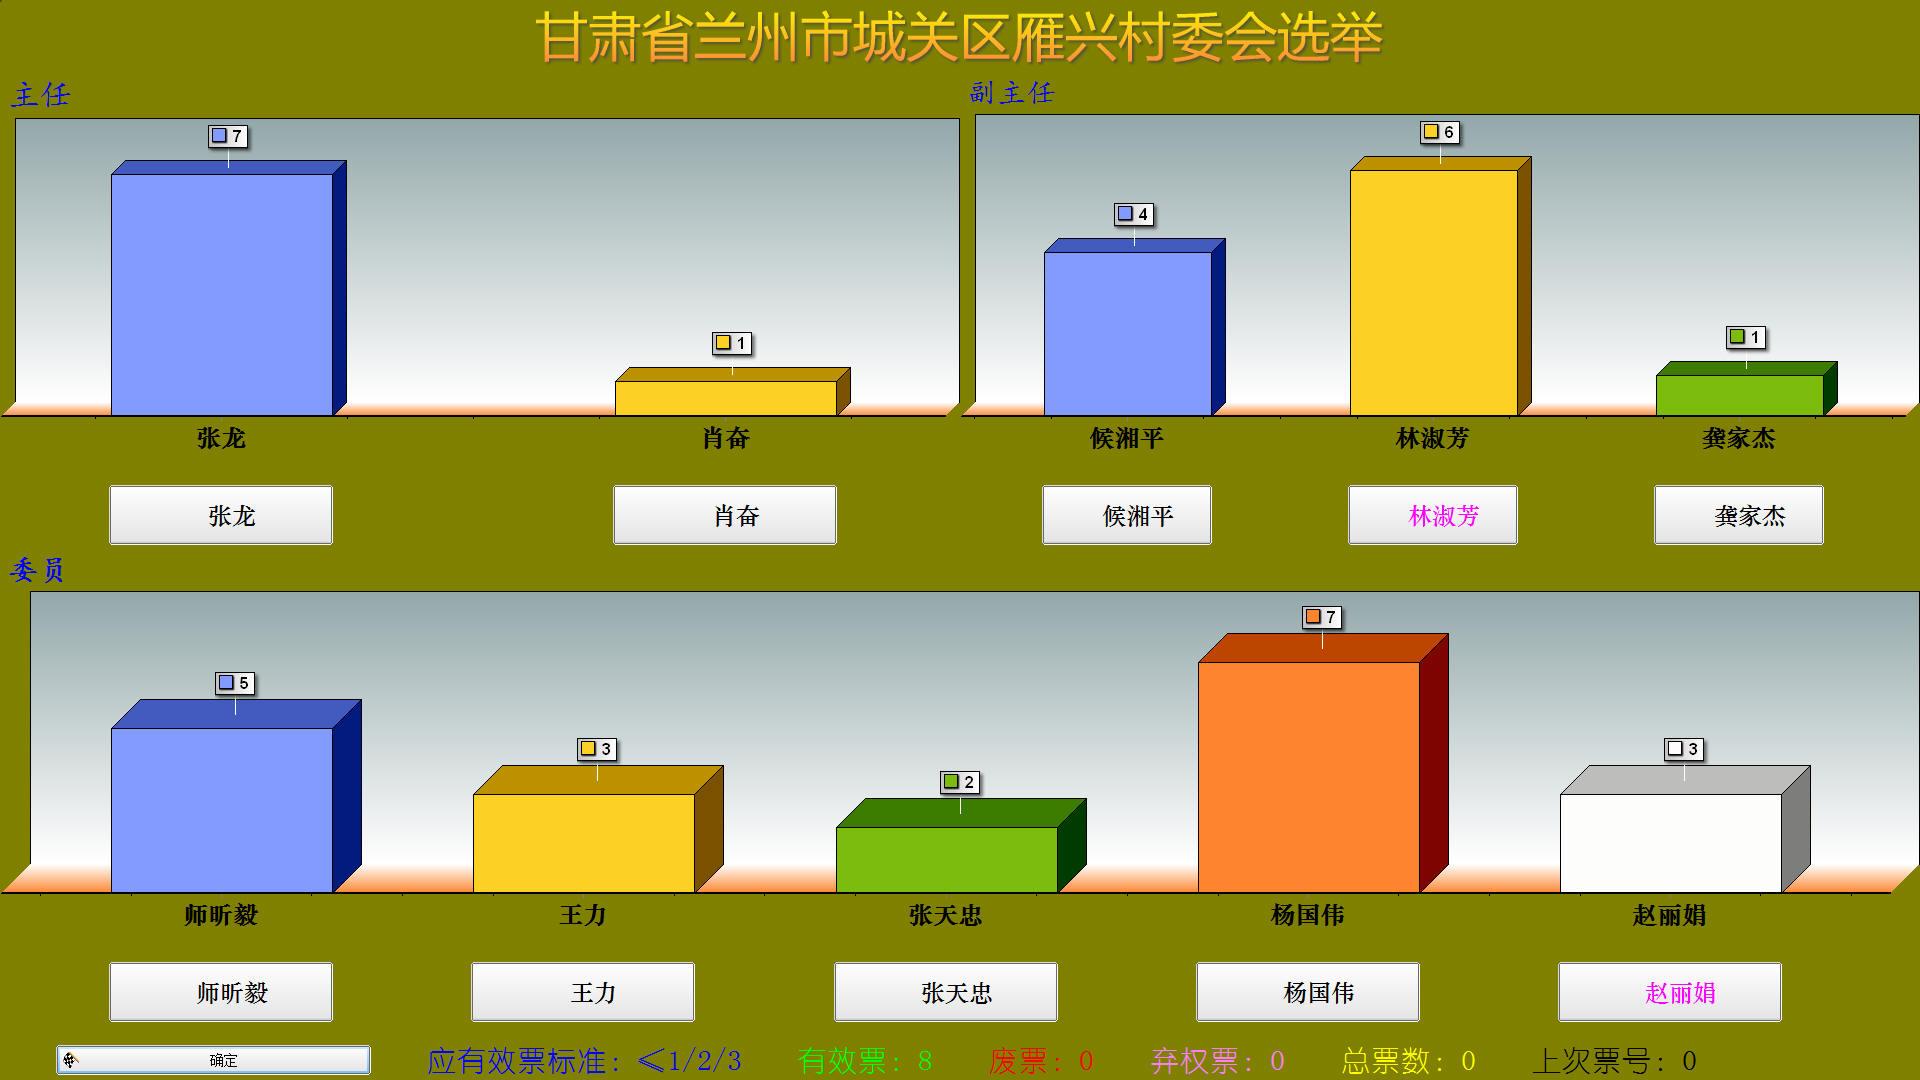 小骥村委会选举计票工具